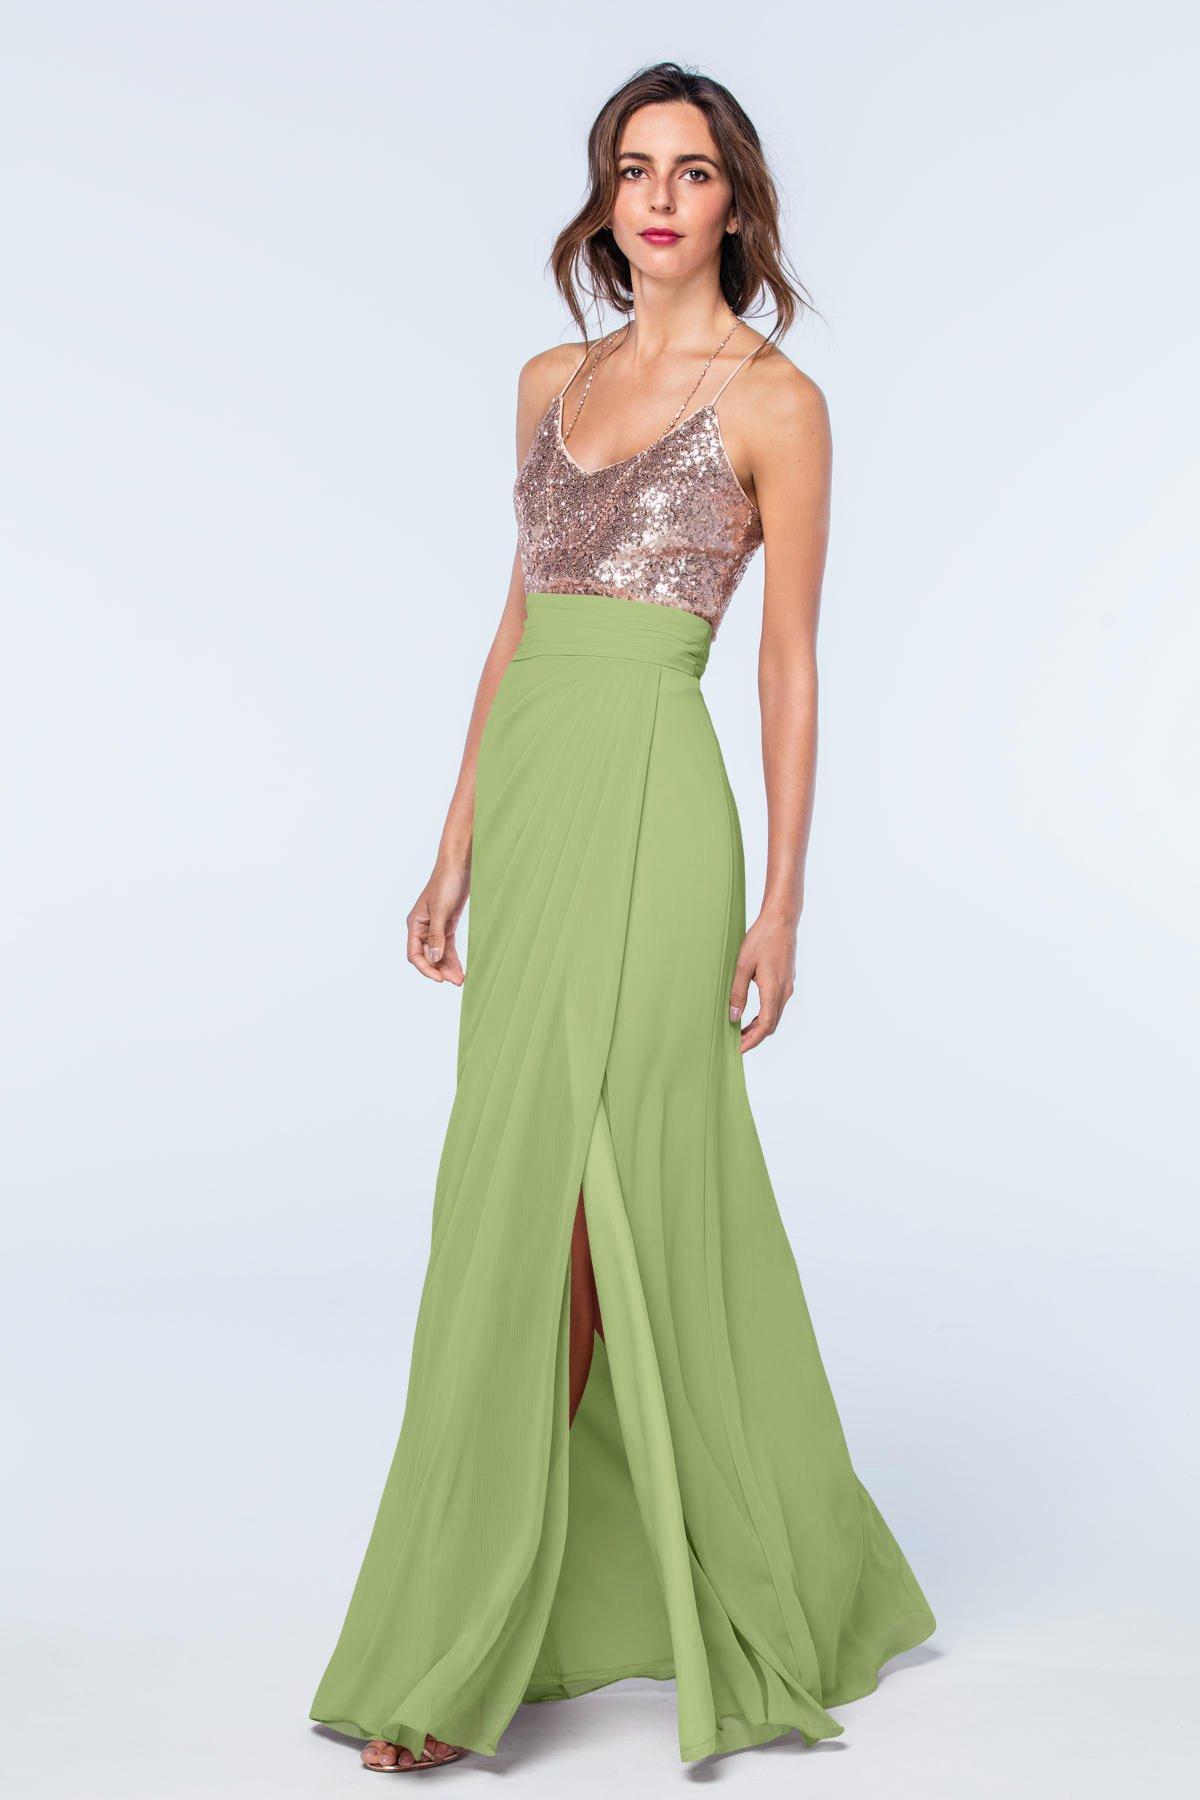 Midori Green Long Bridesmaid Dress with V neck up beading